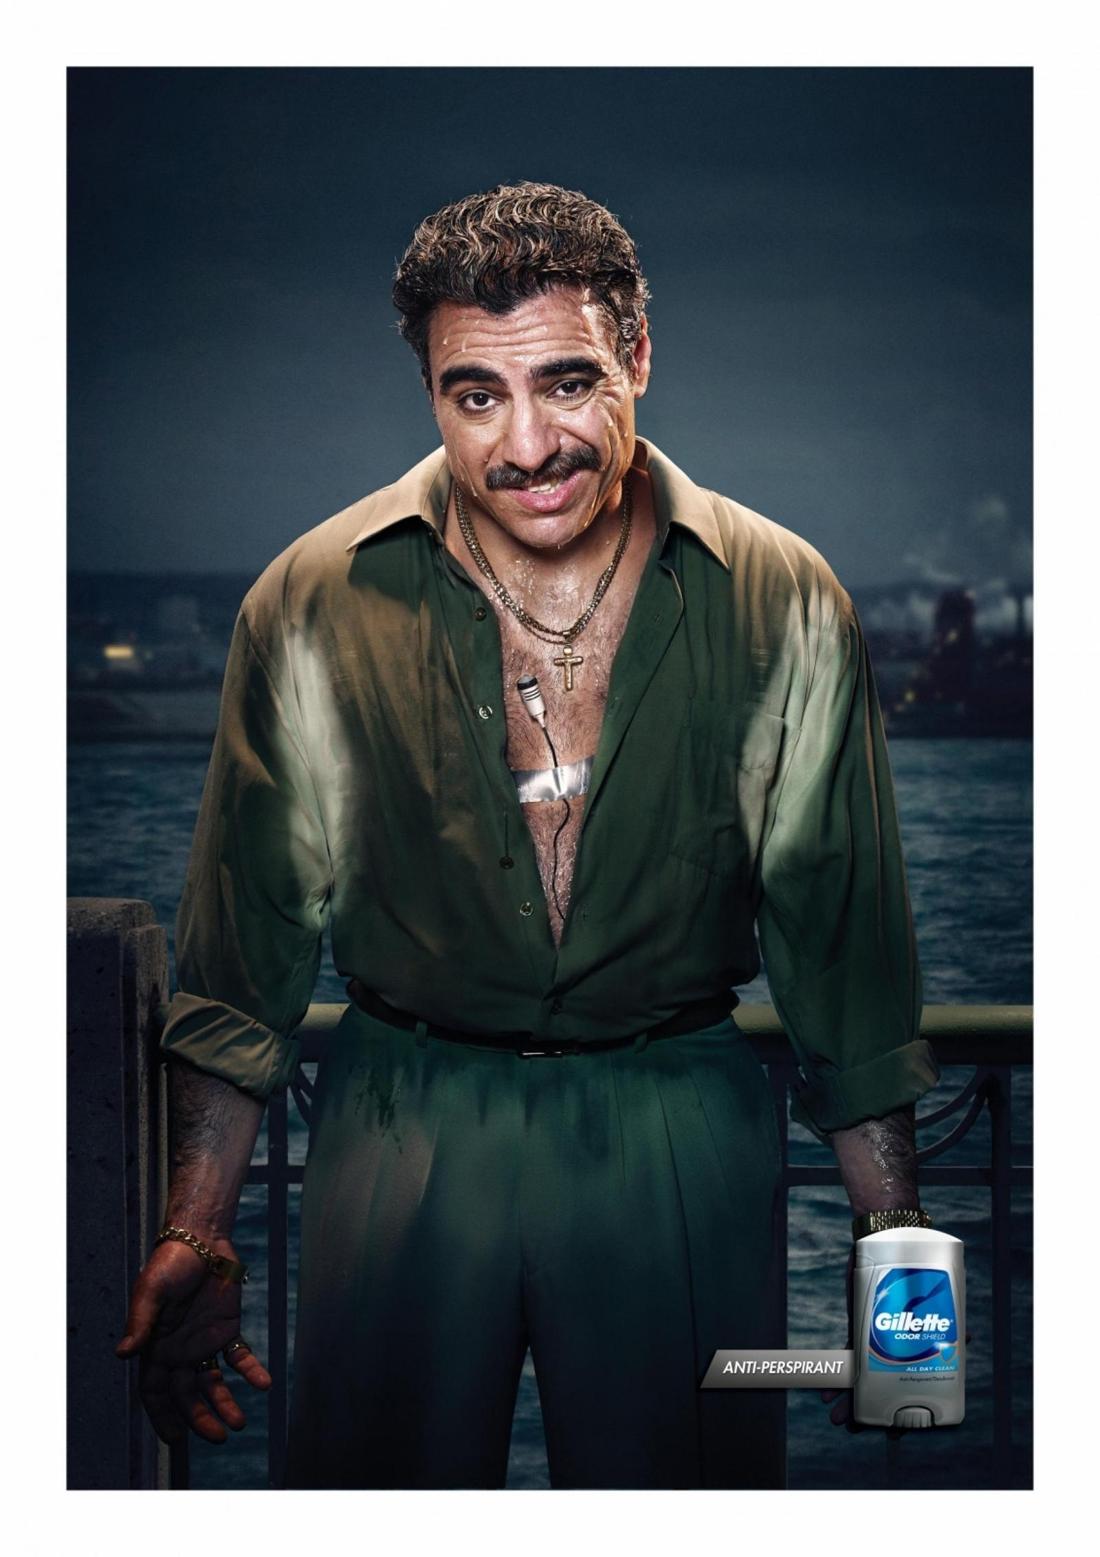 Антиперспиранты Gillette: покер, любовник и агент под прикрытием.